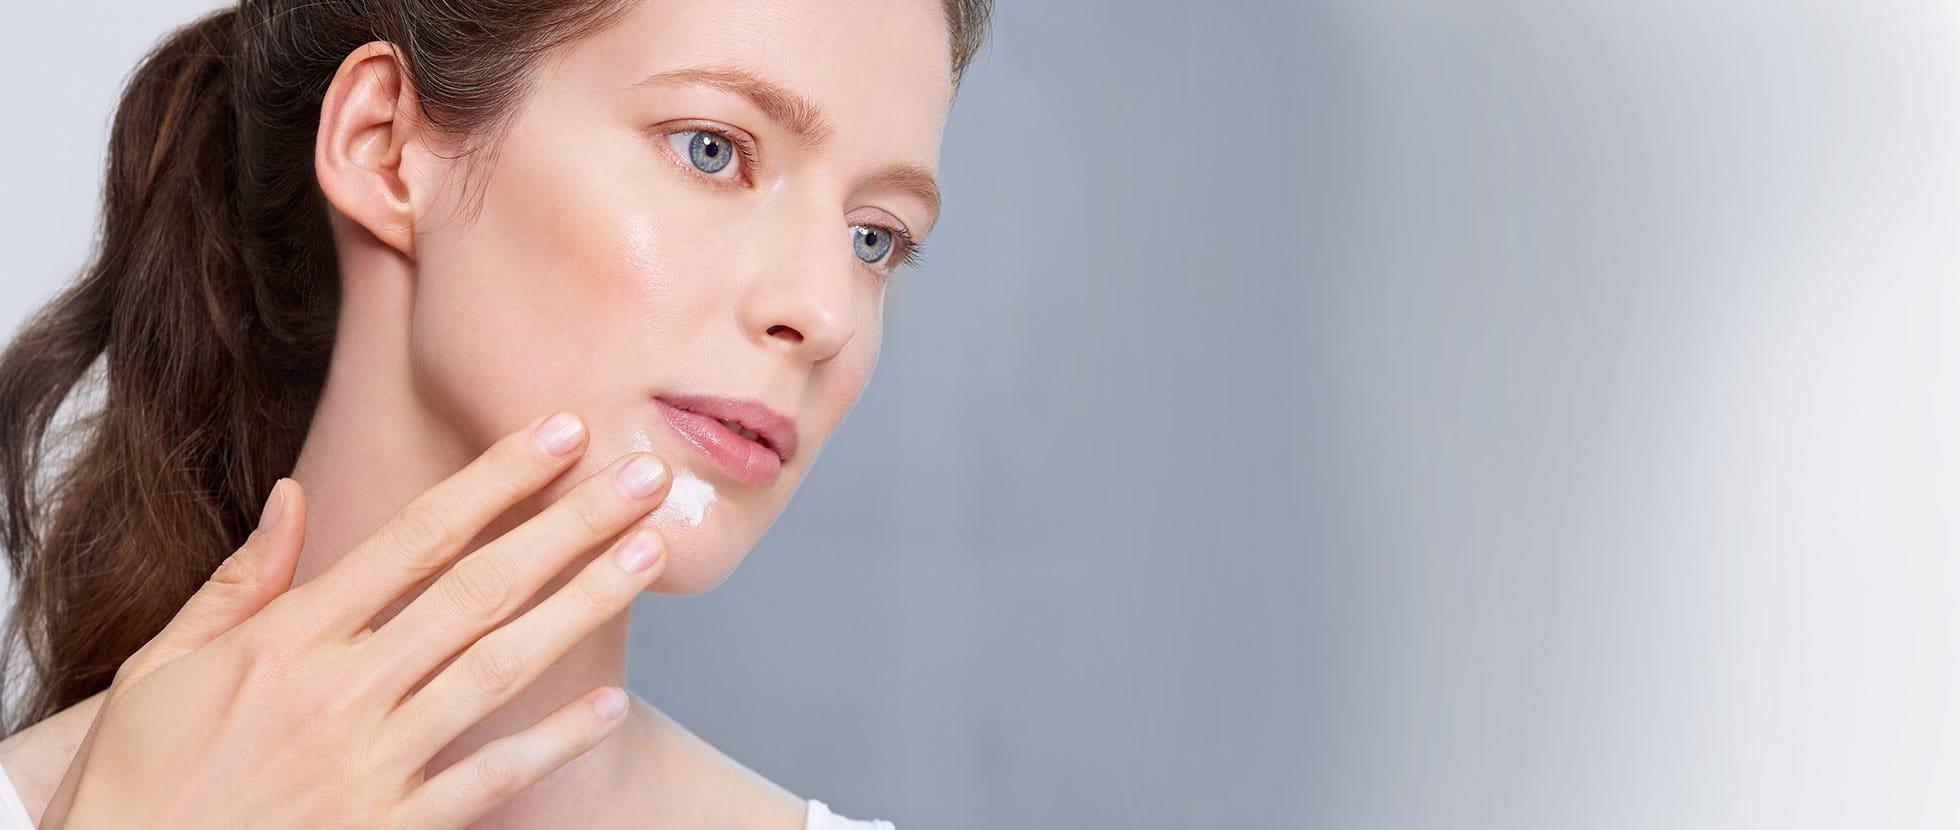 Pflege Bei Neurodermitis Schub Im Gesicht Eucerin